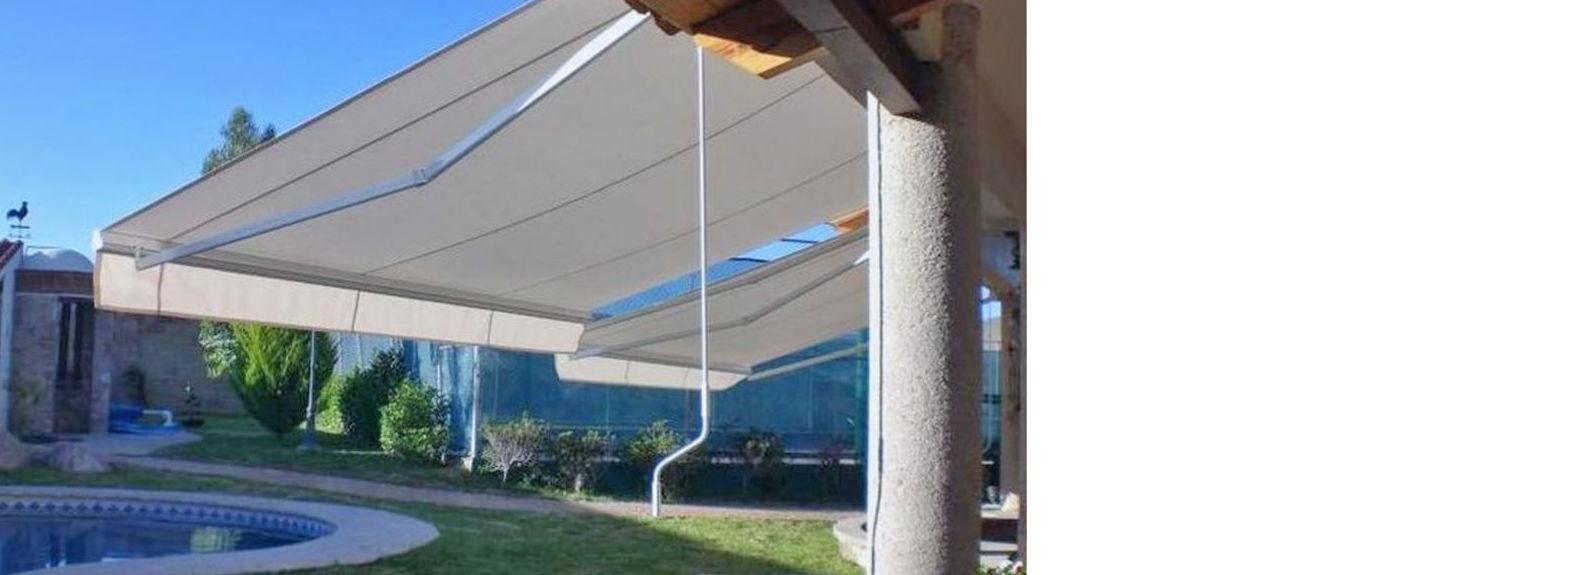 Empresa de toldos y Pérgolas: Productos y Servicios de Tendals Sitges